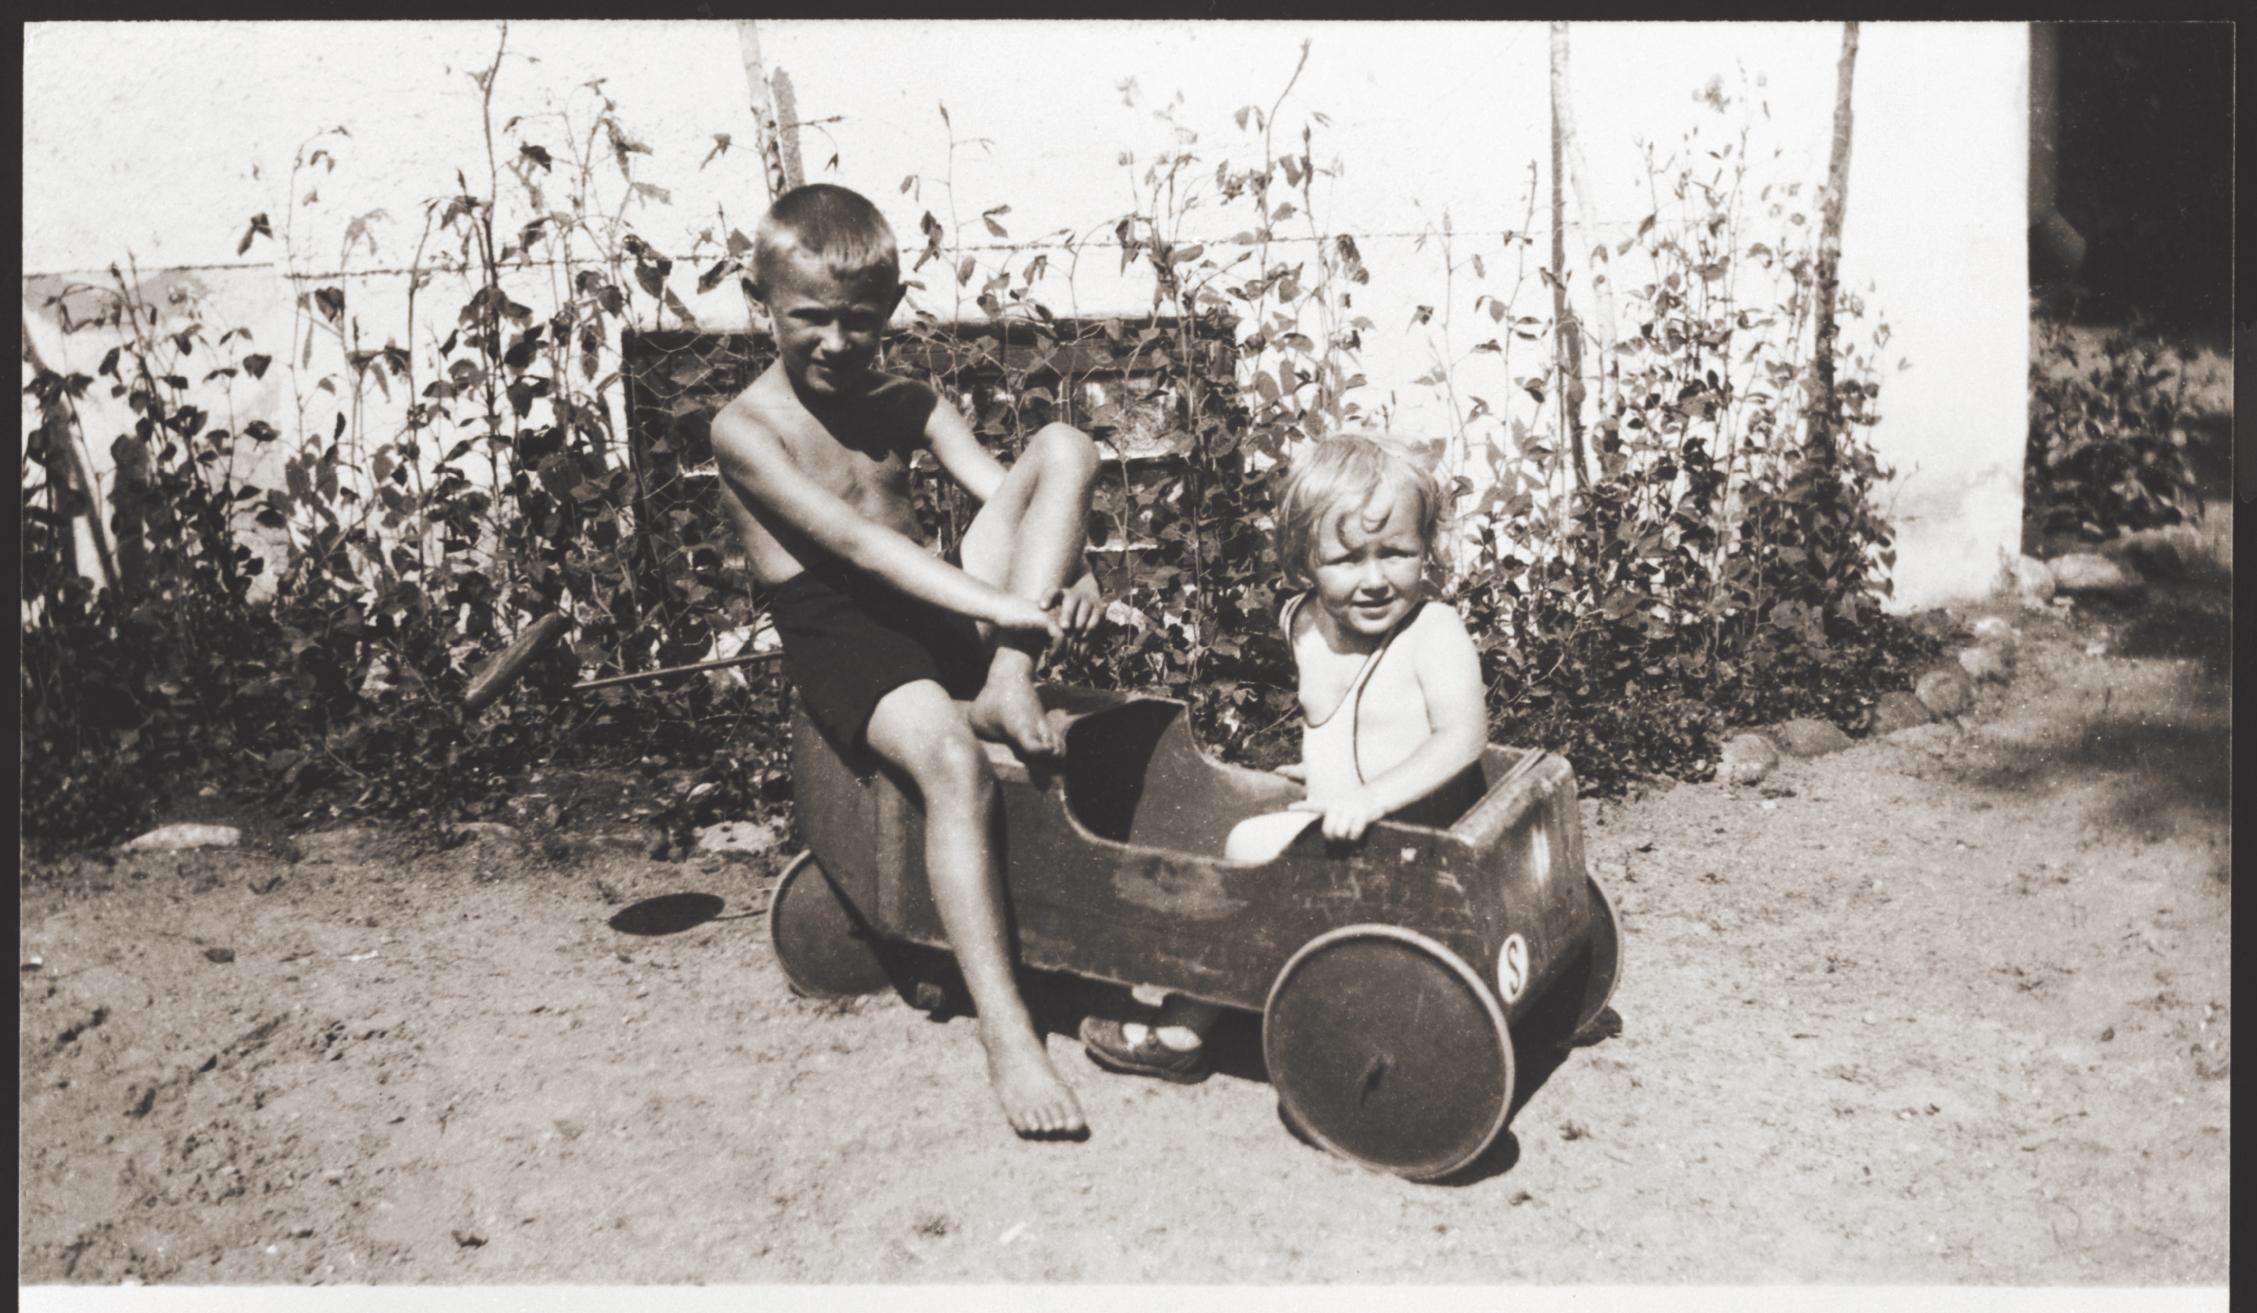 1930s_a_gyermek_ingvar_kamprad_5_eves_koratol_gyufakat_arult_1.jpg